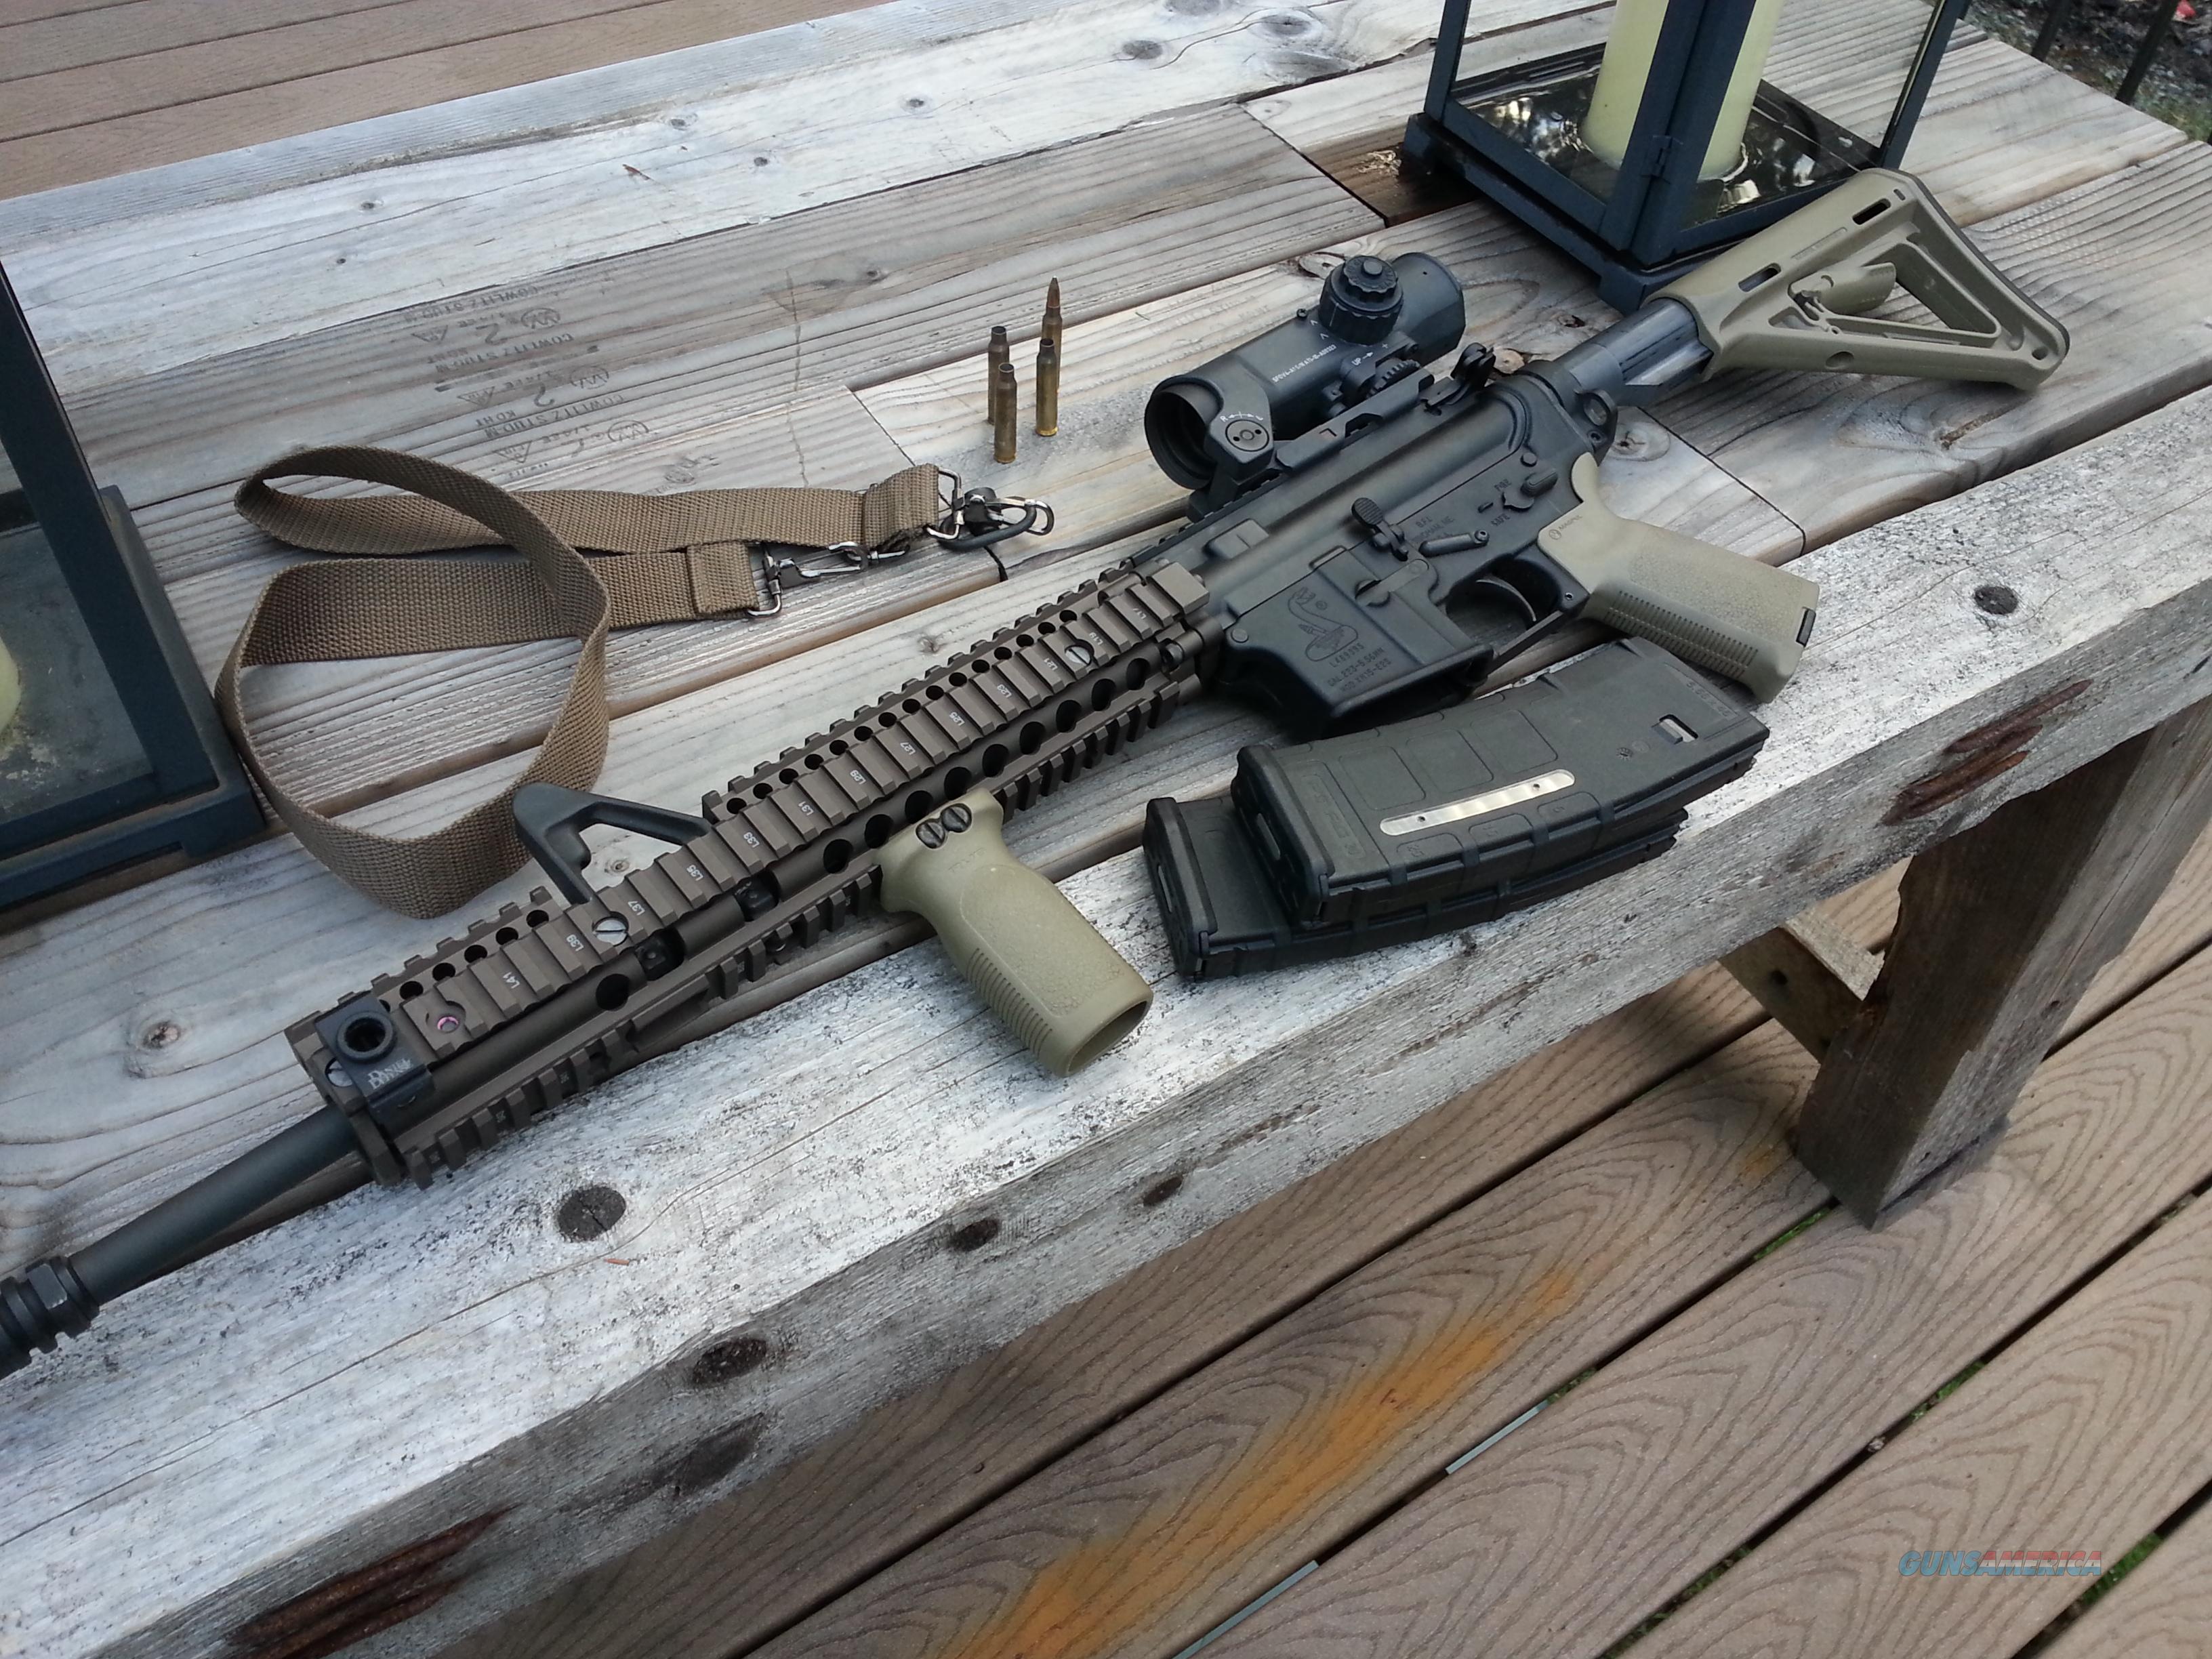 Custom Bushmaster AR-15 with Daniel Defense Quad Rail and Elcan Scope